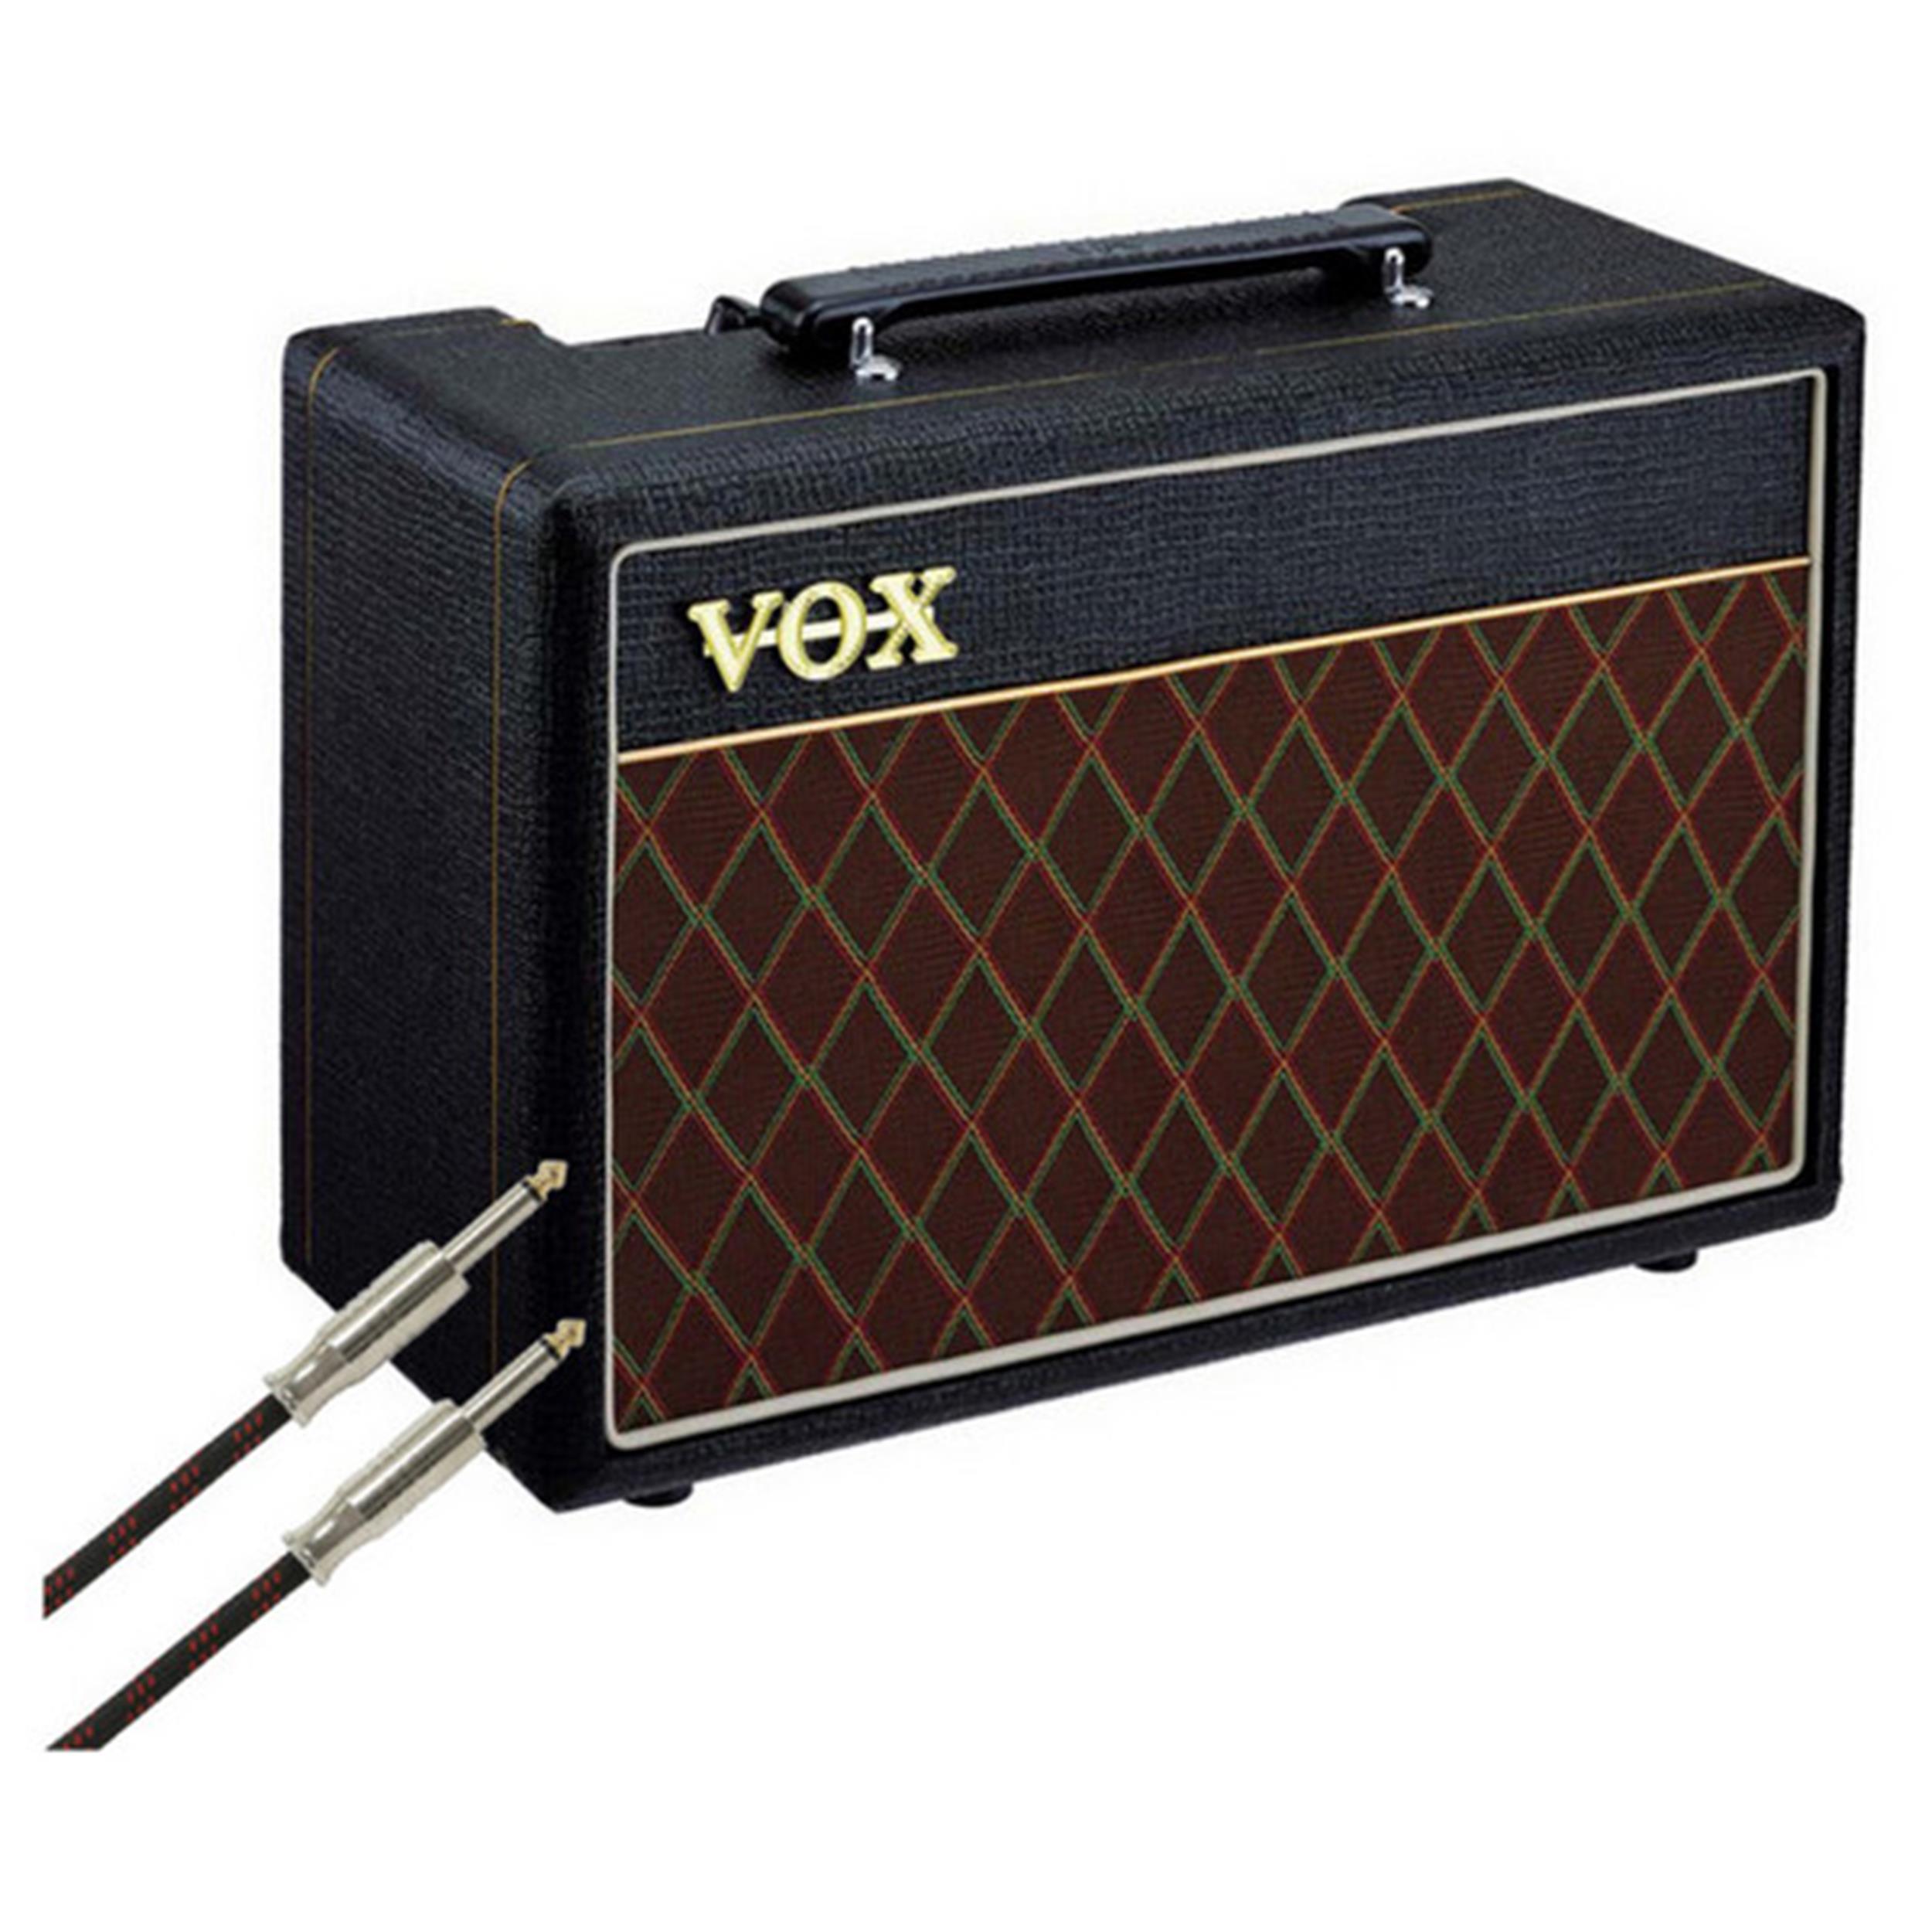 VOX-PATHFINDER-10-COMBO-sku-9227